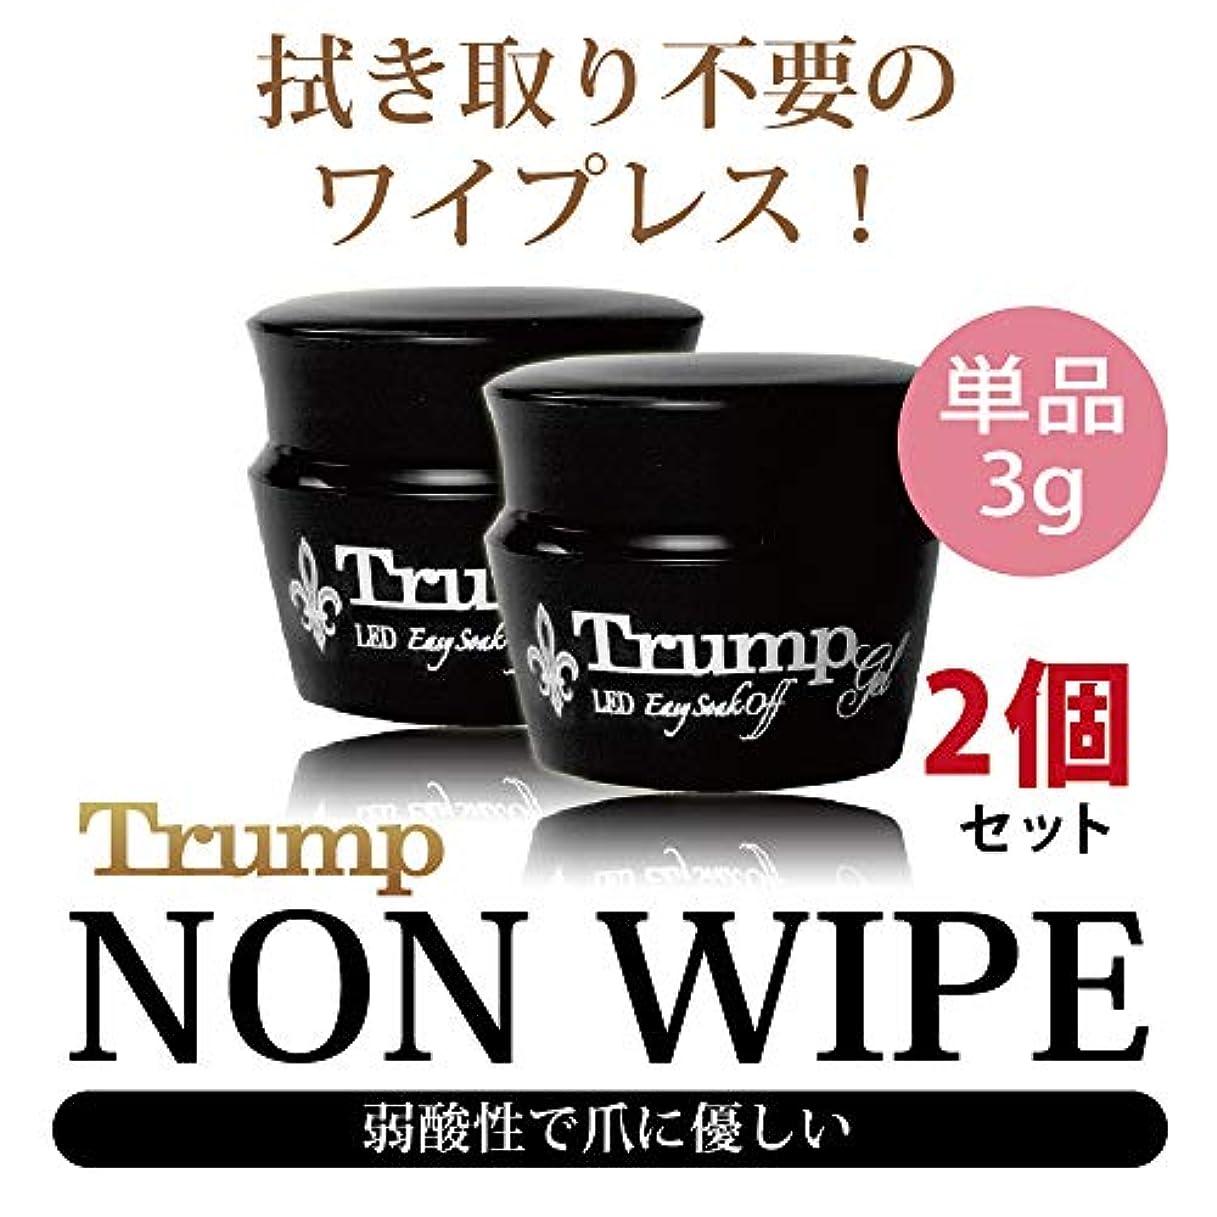 Trump gel ノンワイプトップジェル 3g 2個セット